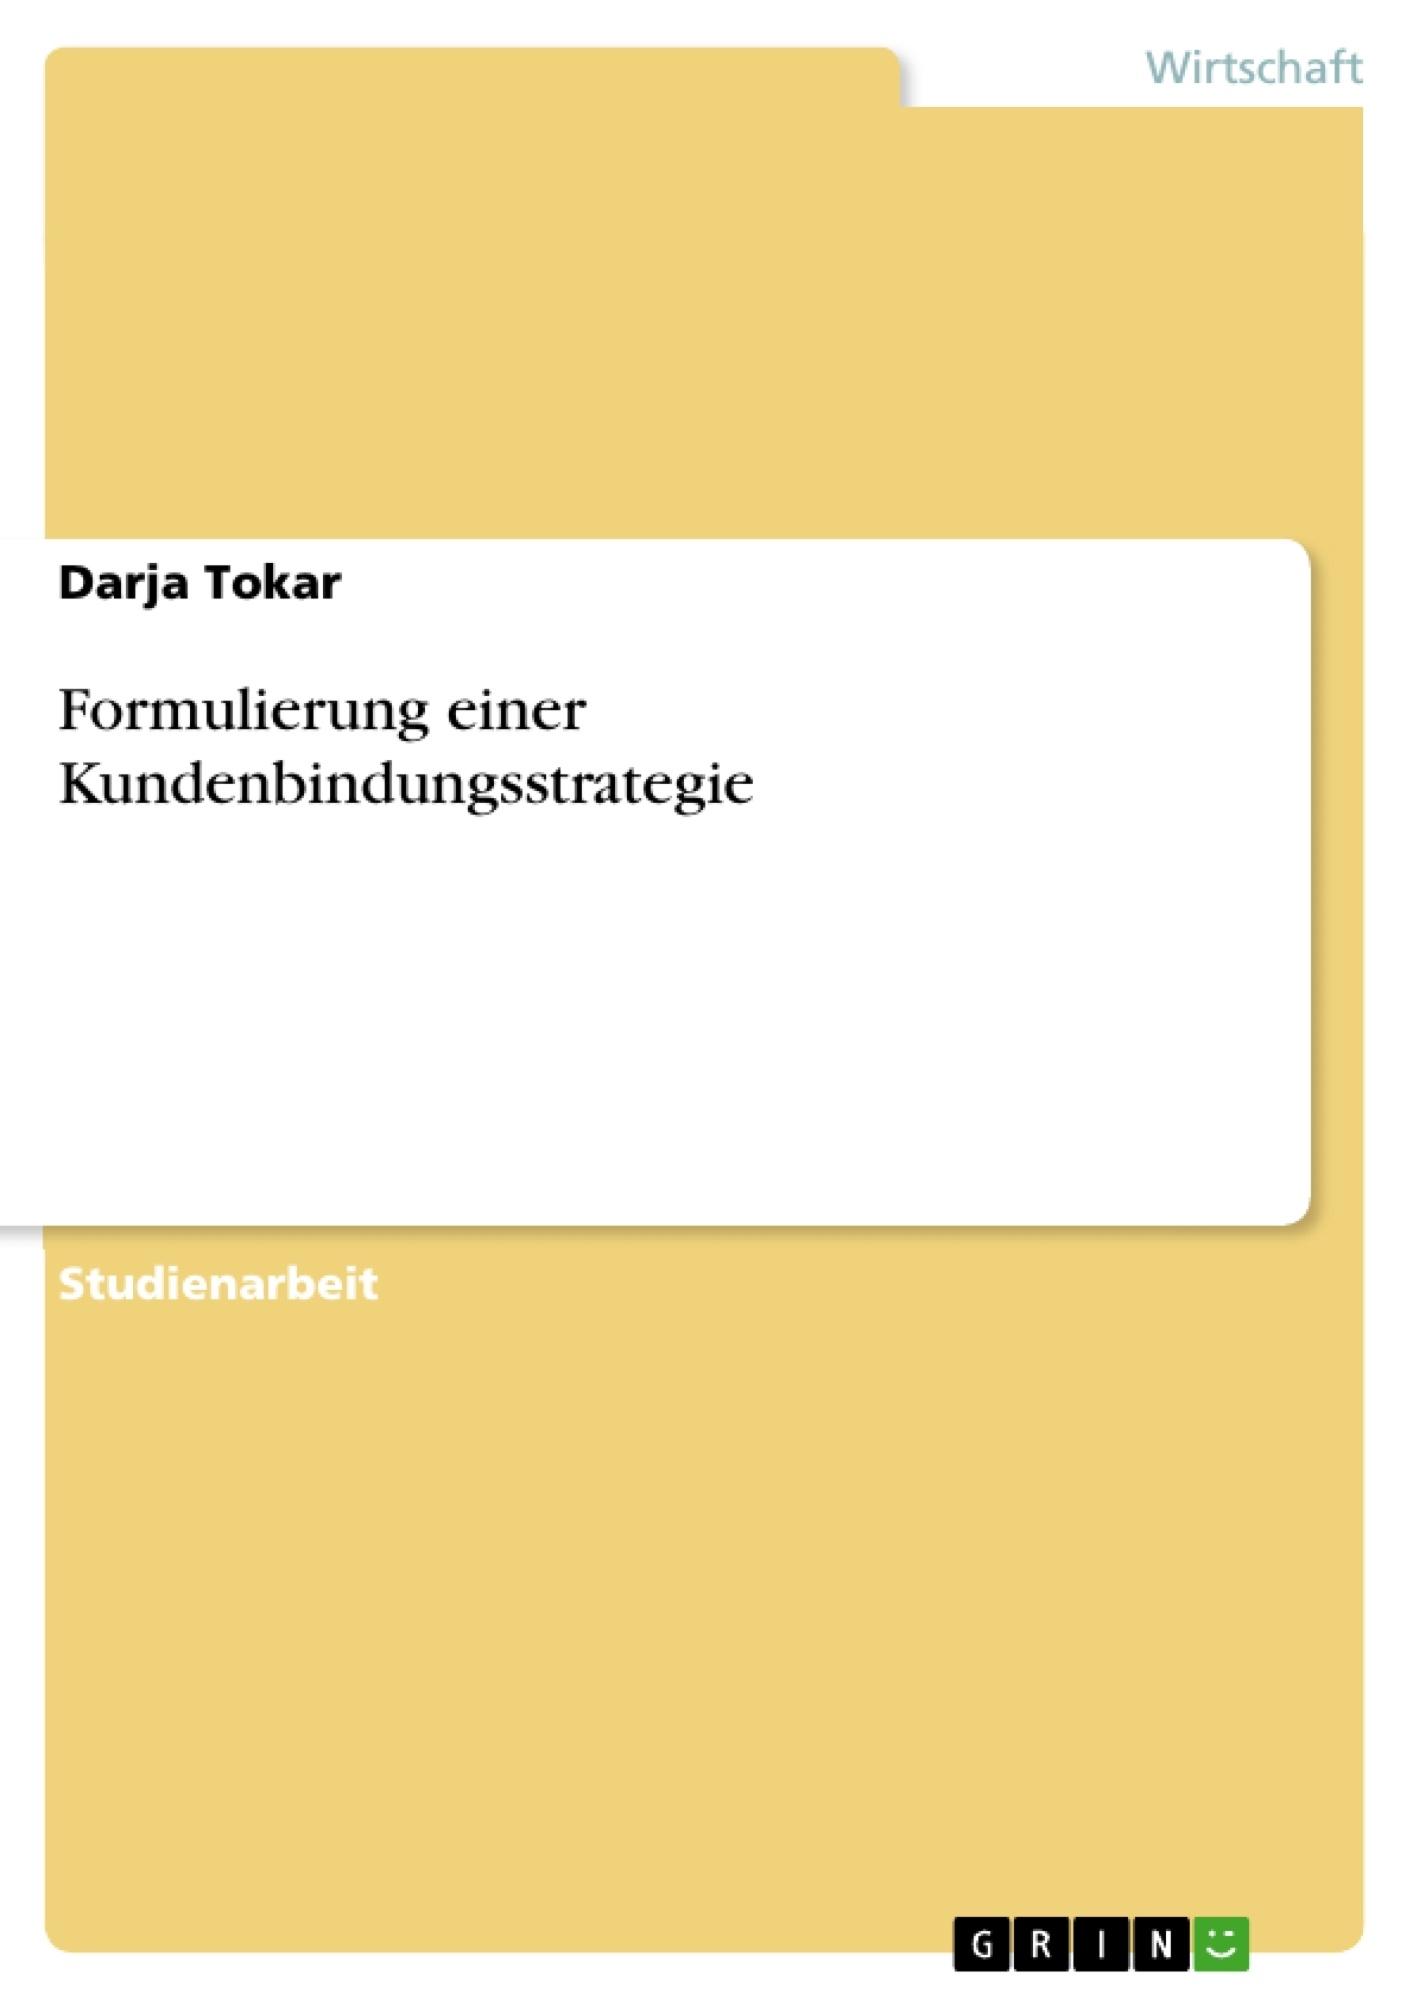 Titel: Formulierung einer Kundenbindungsstrategie